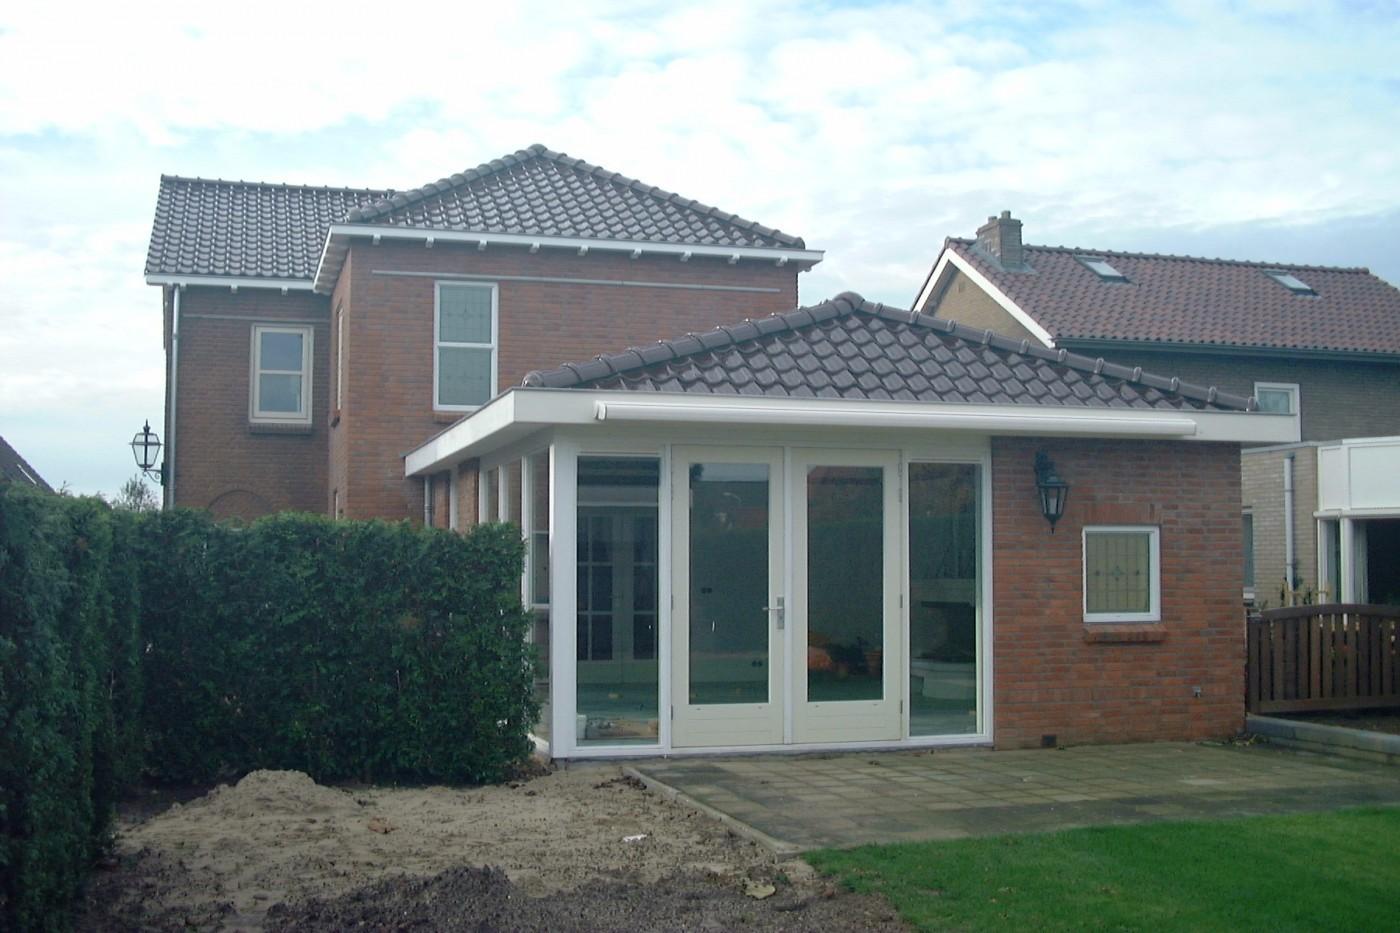 De geveldetaillering en ramen met glas in lood uit het woonhuis komen ook terug in de aanbouw.